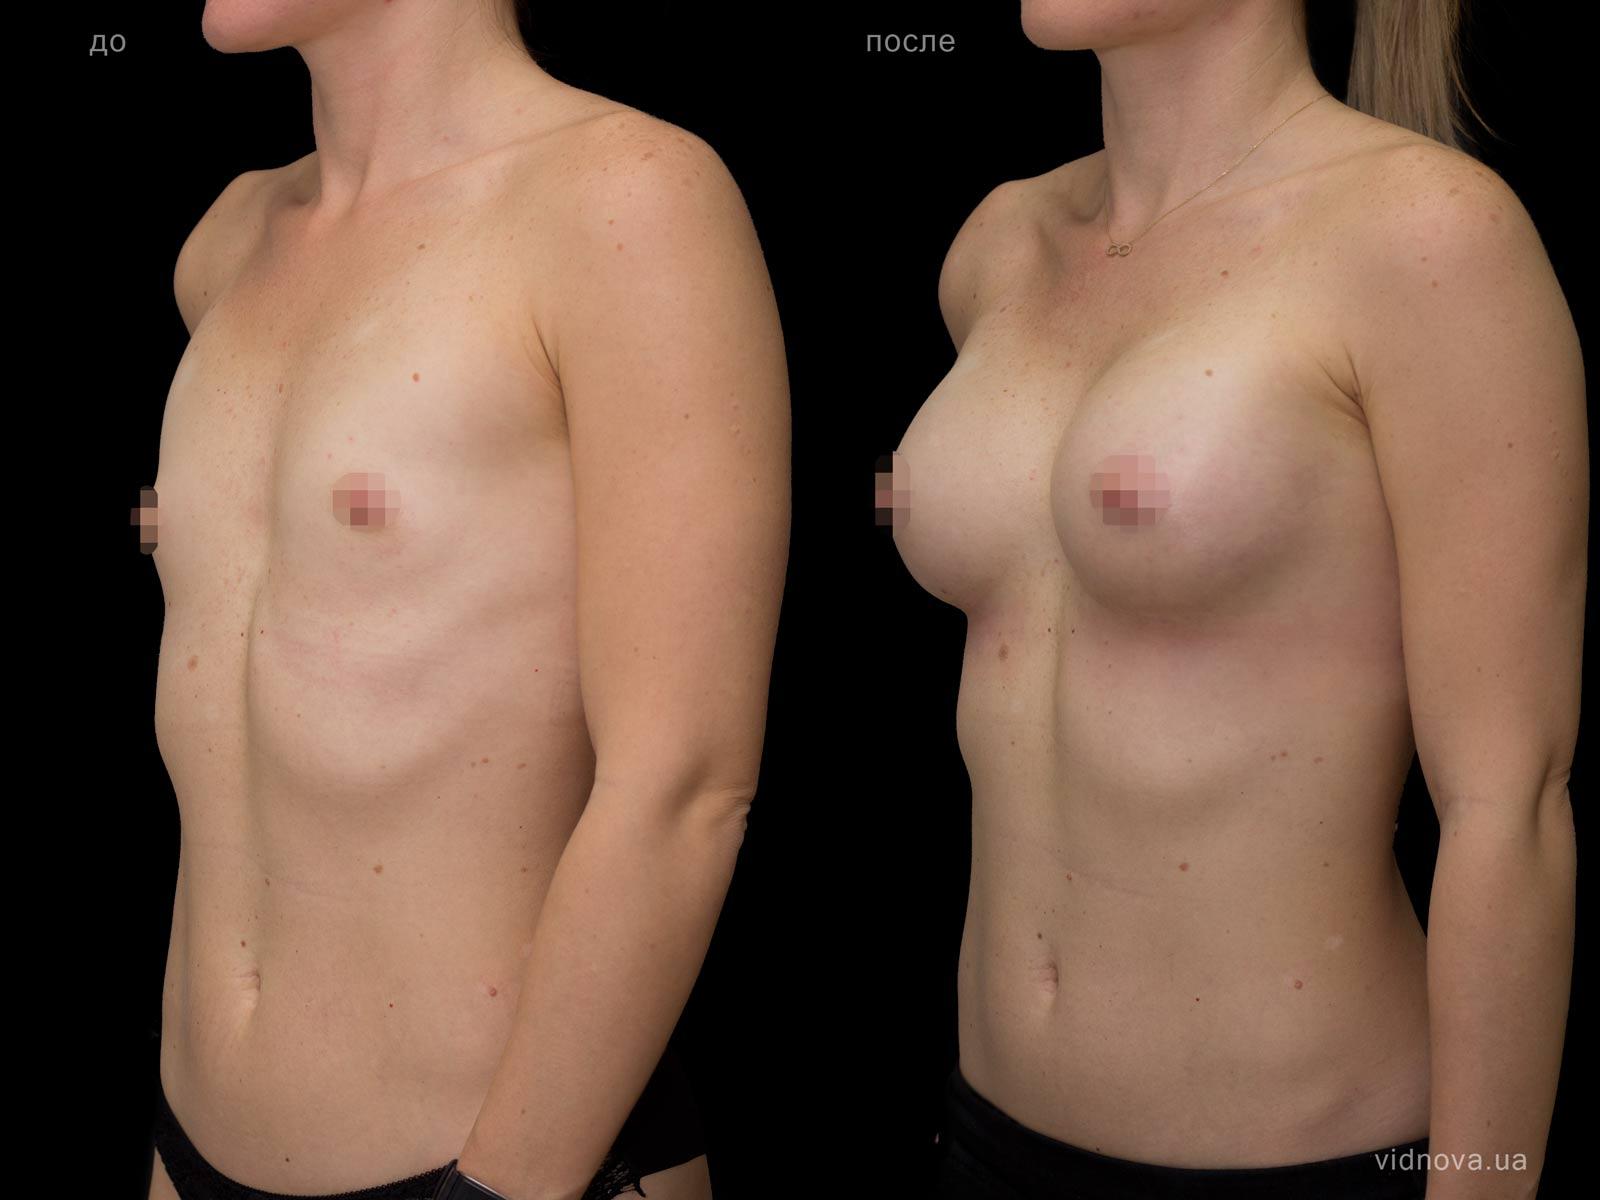 Пластика груди: результаты до и после - Пример №70-1 - Светлана Работенко